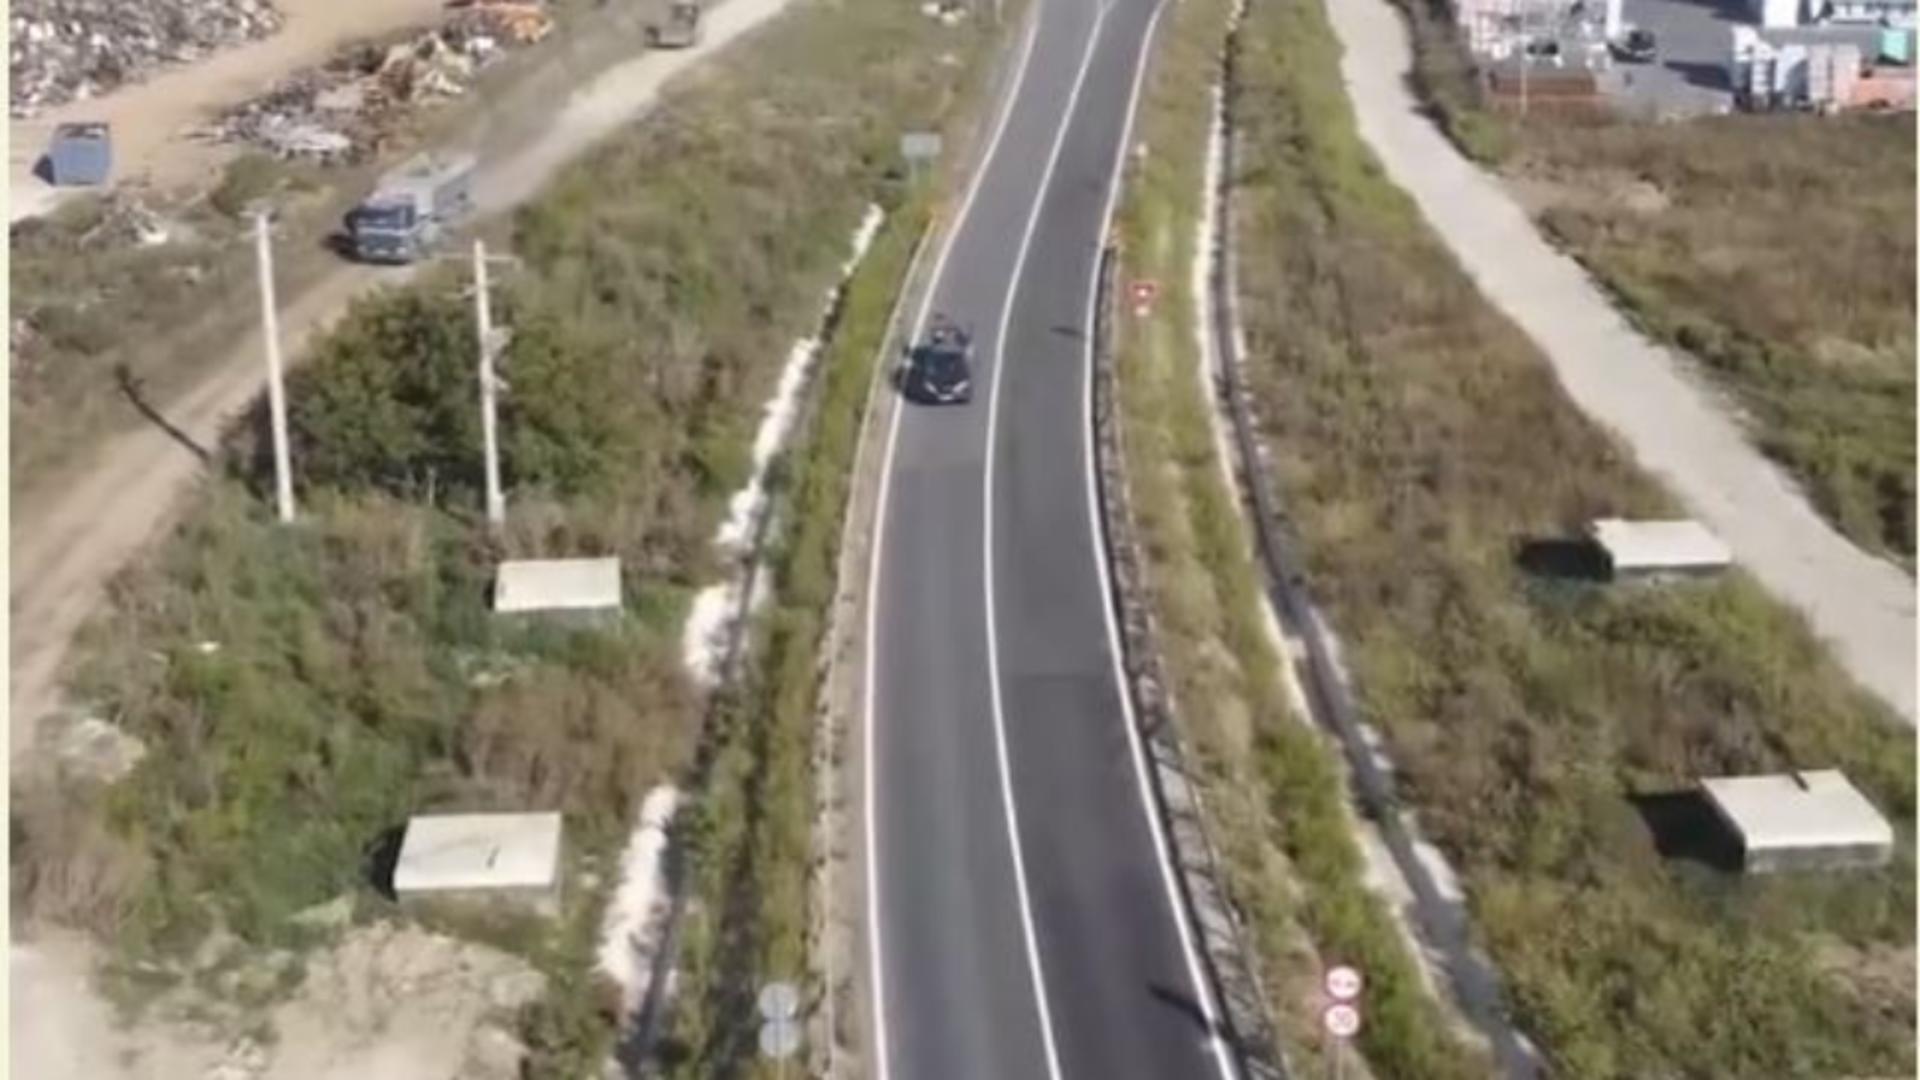 O groapă de gunoi cu zeci de mii de tone de deșeuri, aflată lângă autostrada Sebes-Turda.